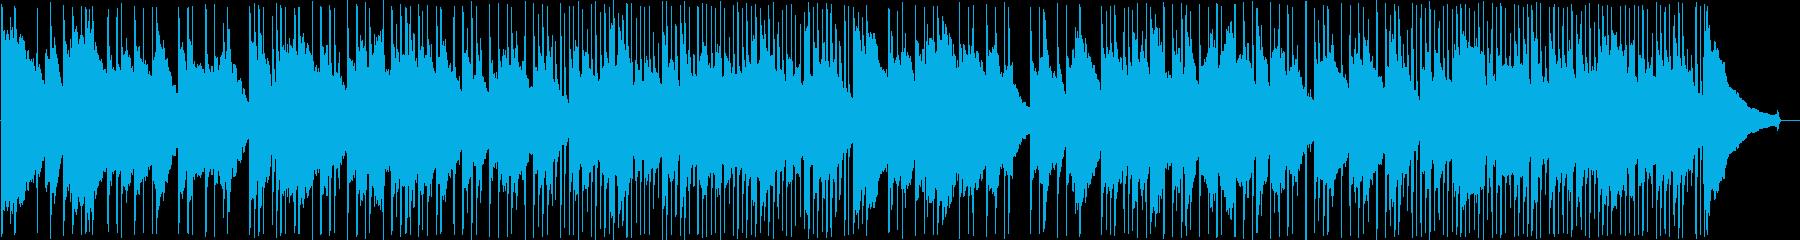 緩やかなボサノバ調のアコースティック曲の再生済みの波形